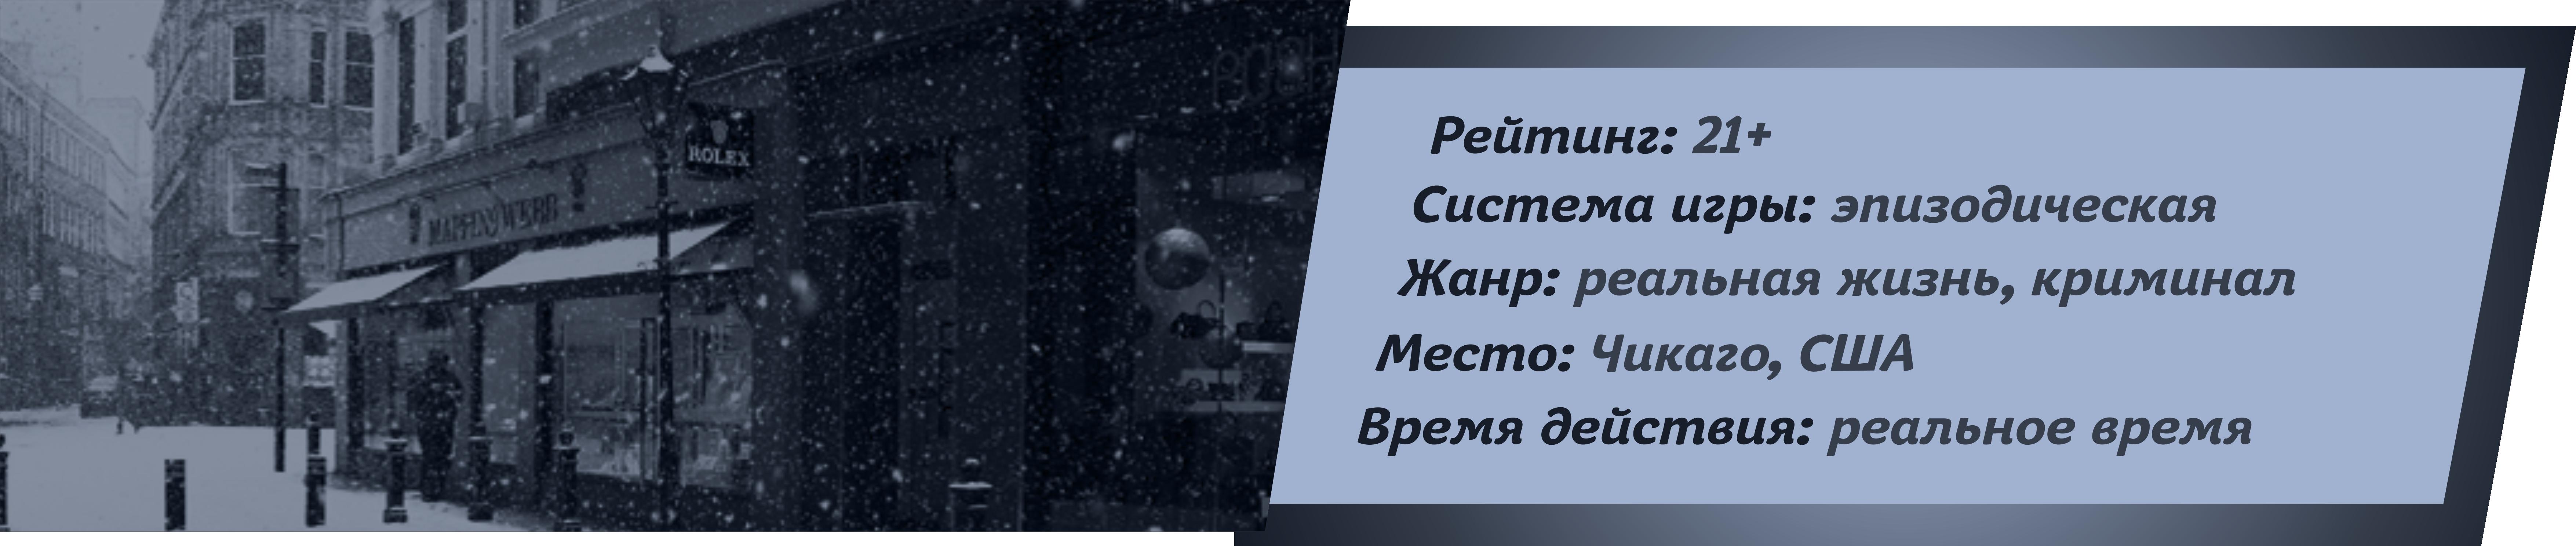 http://images.vfl.ru/ii/1511634993/188b7576/19567847.png